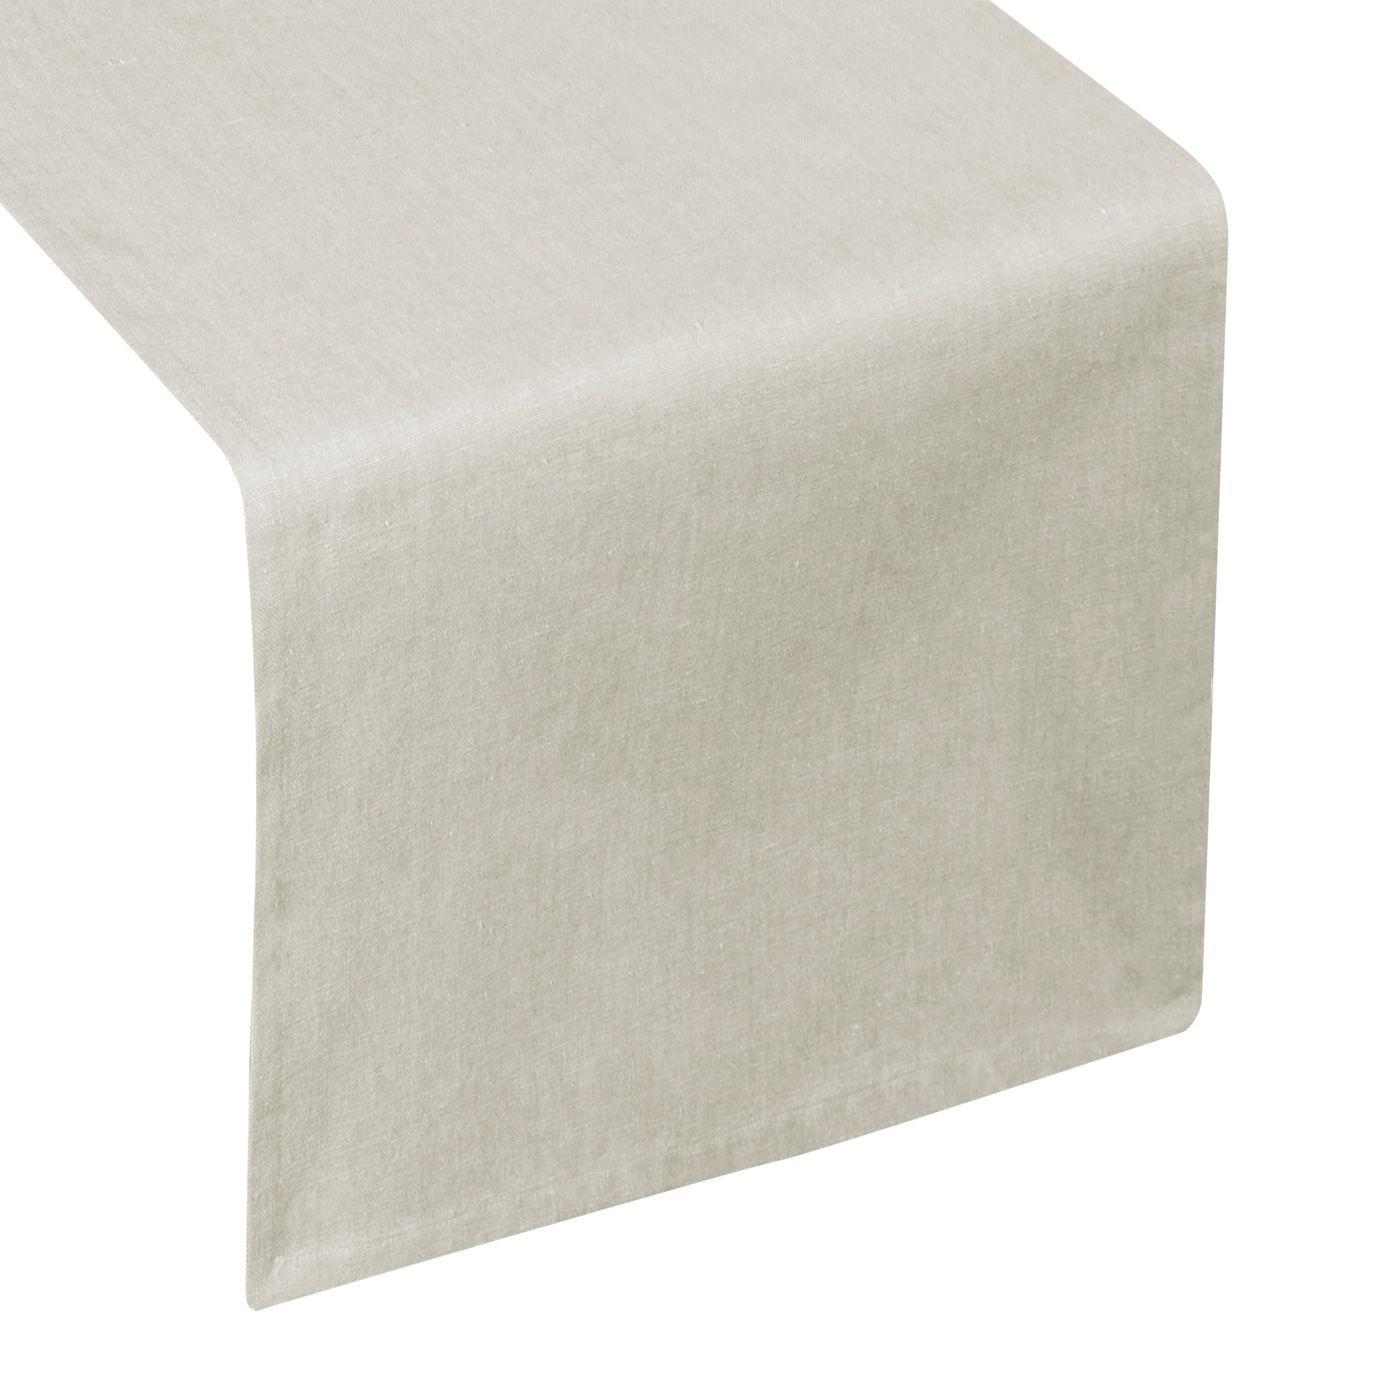 Bawełniany bieżnik do jadalni beżowy gładki 40x140 cm